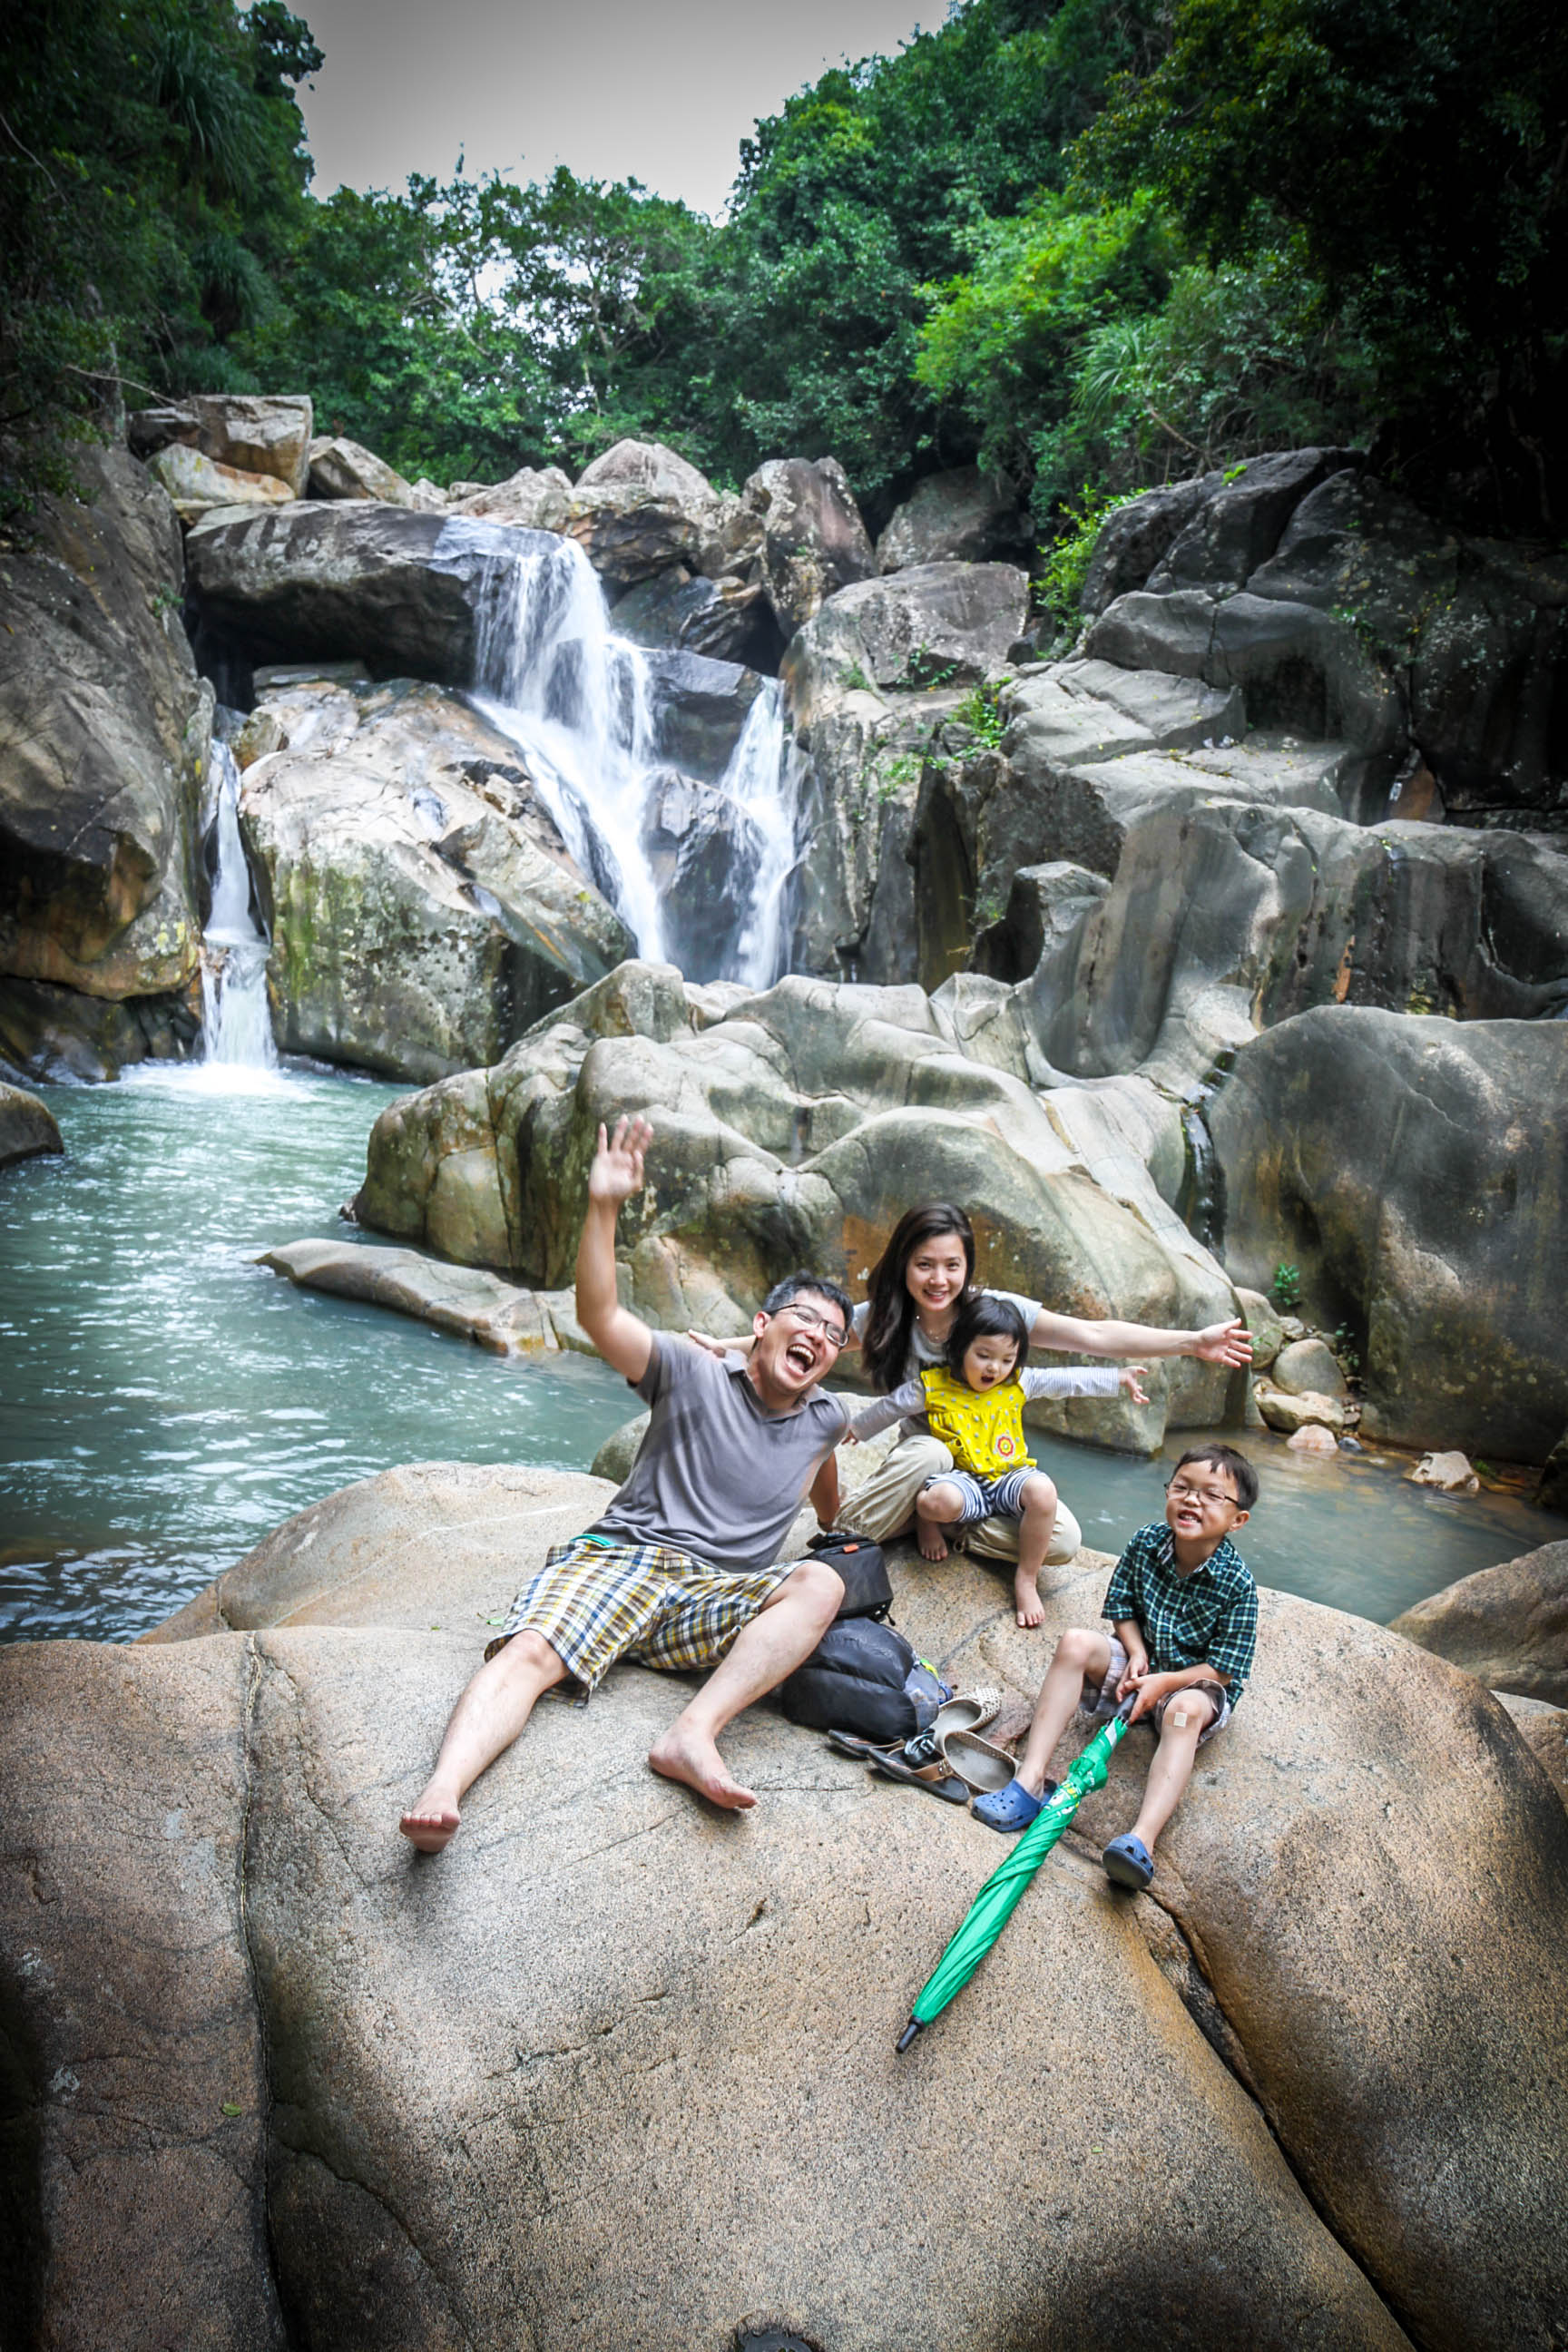 One of the three waterfalls at Ba Ho Falls in Nha Trang